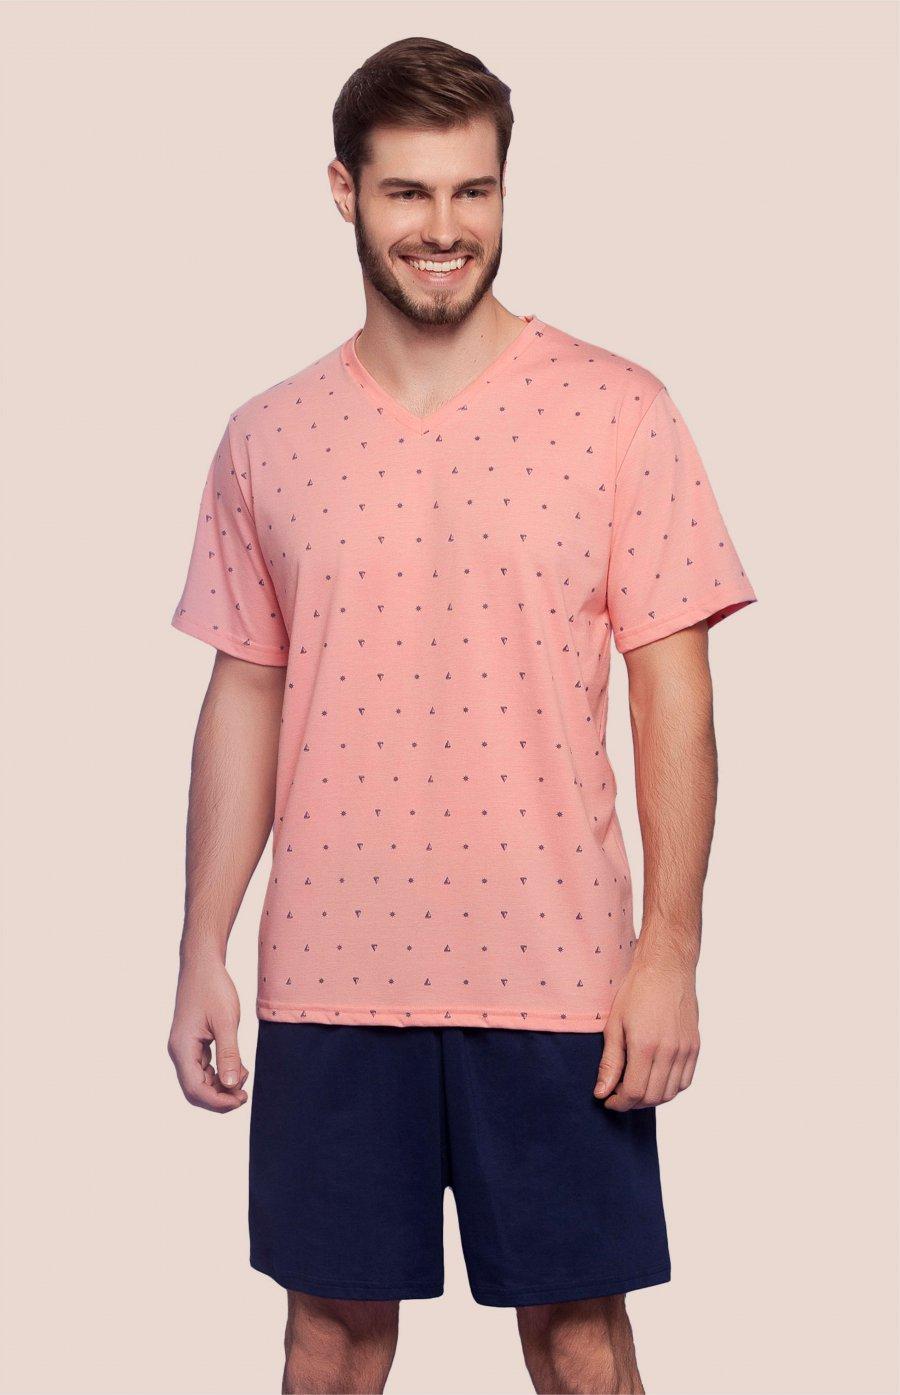 OUTLET Pijama Masculino Eu Quero Praia Verão MDS